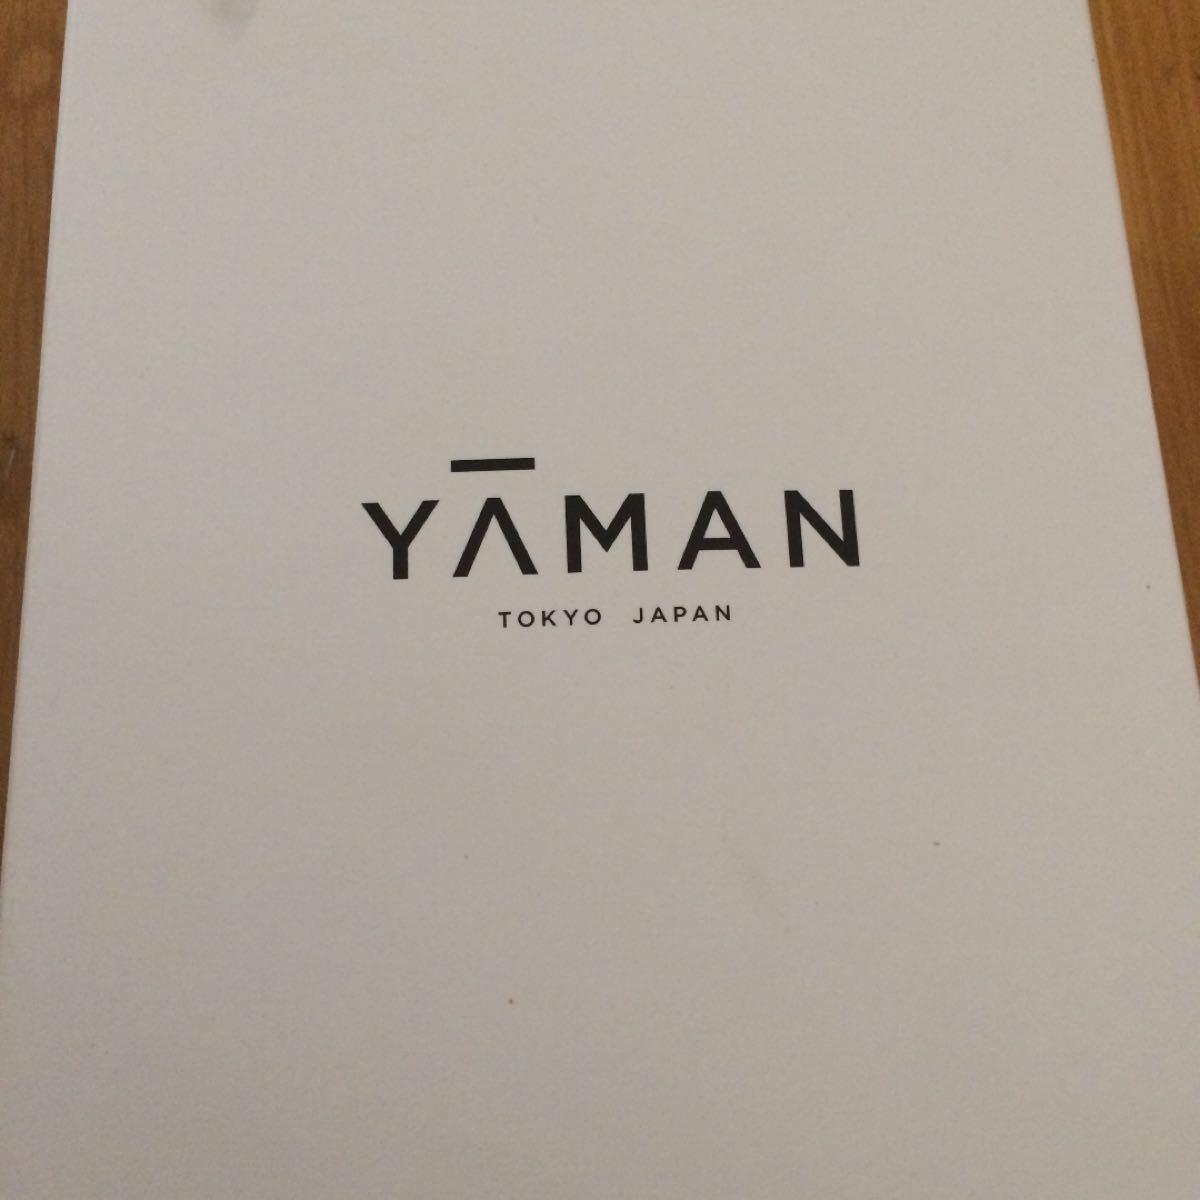 ヤーマン HRF-20N RFボーテ フォトプラス エクストラ YAMAN